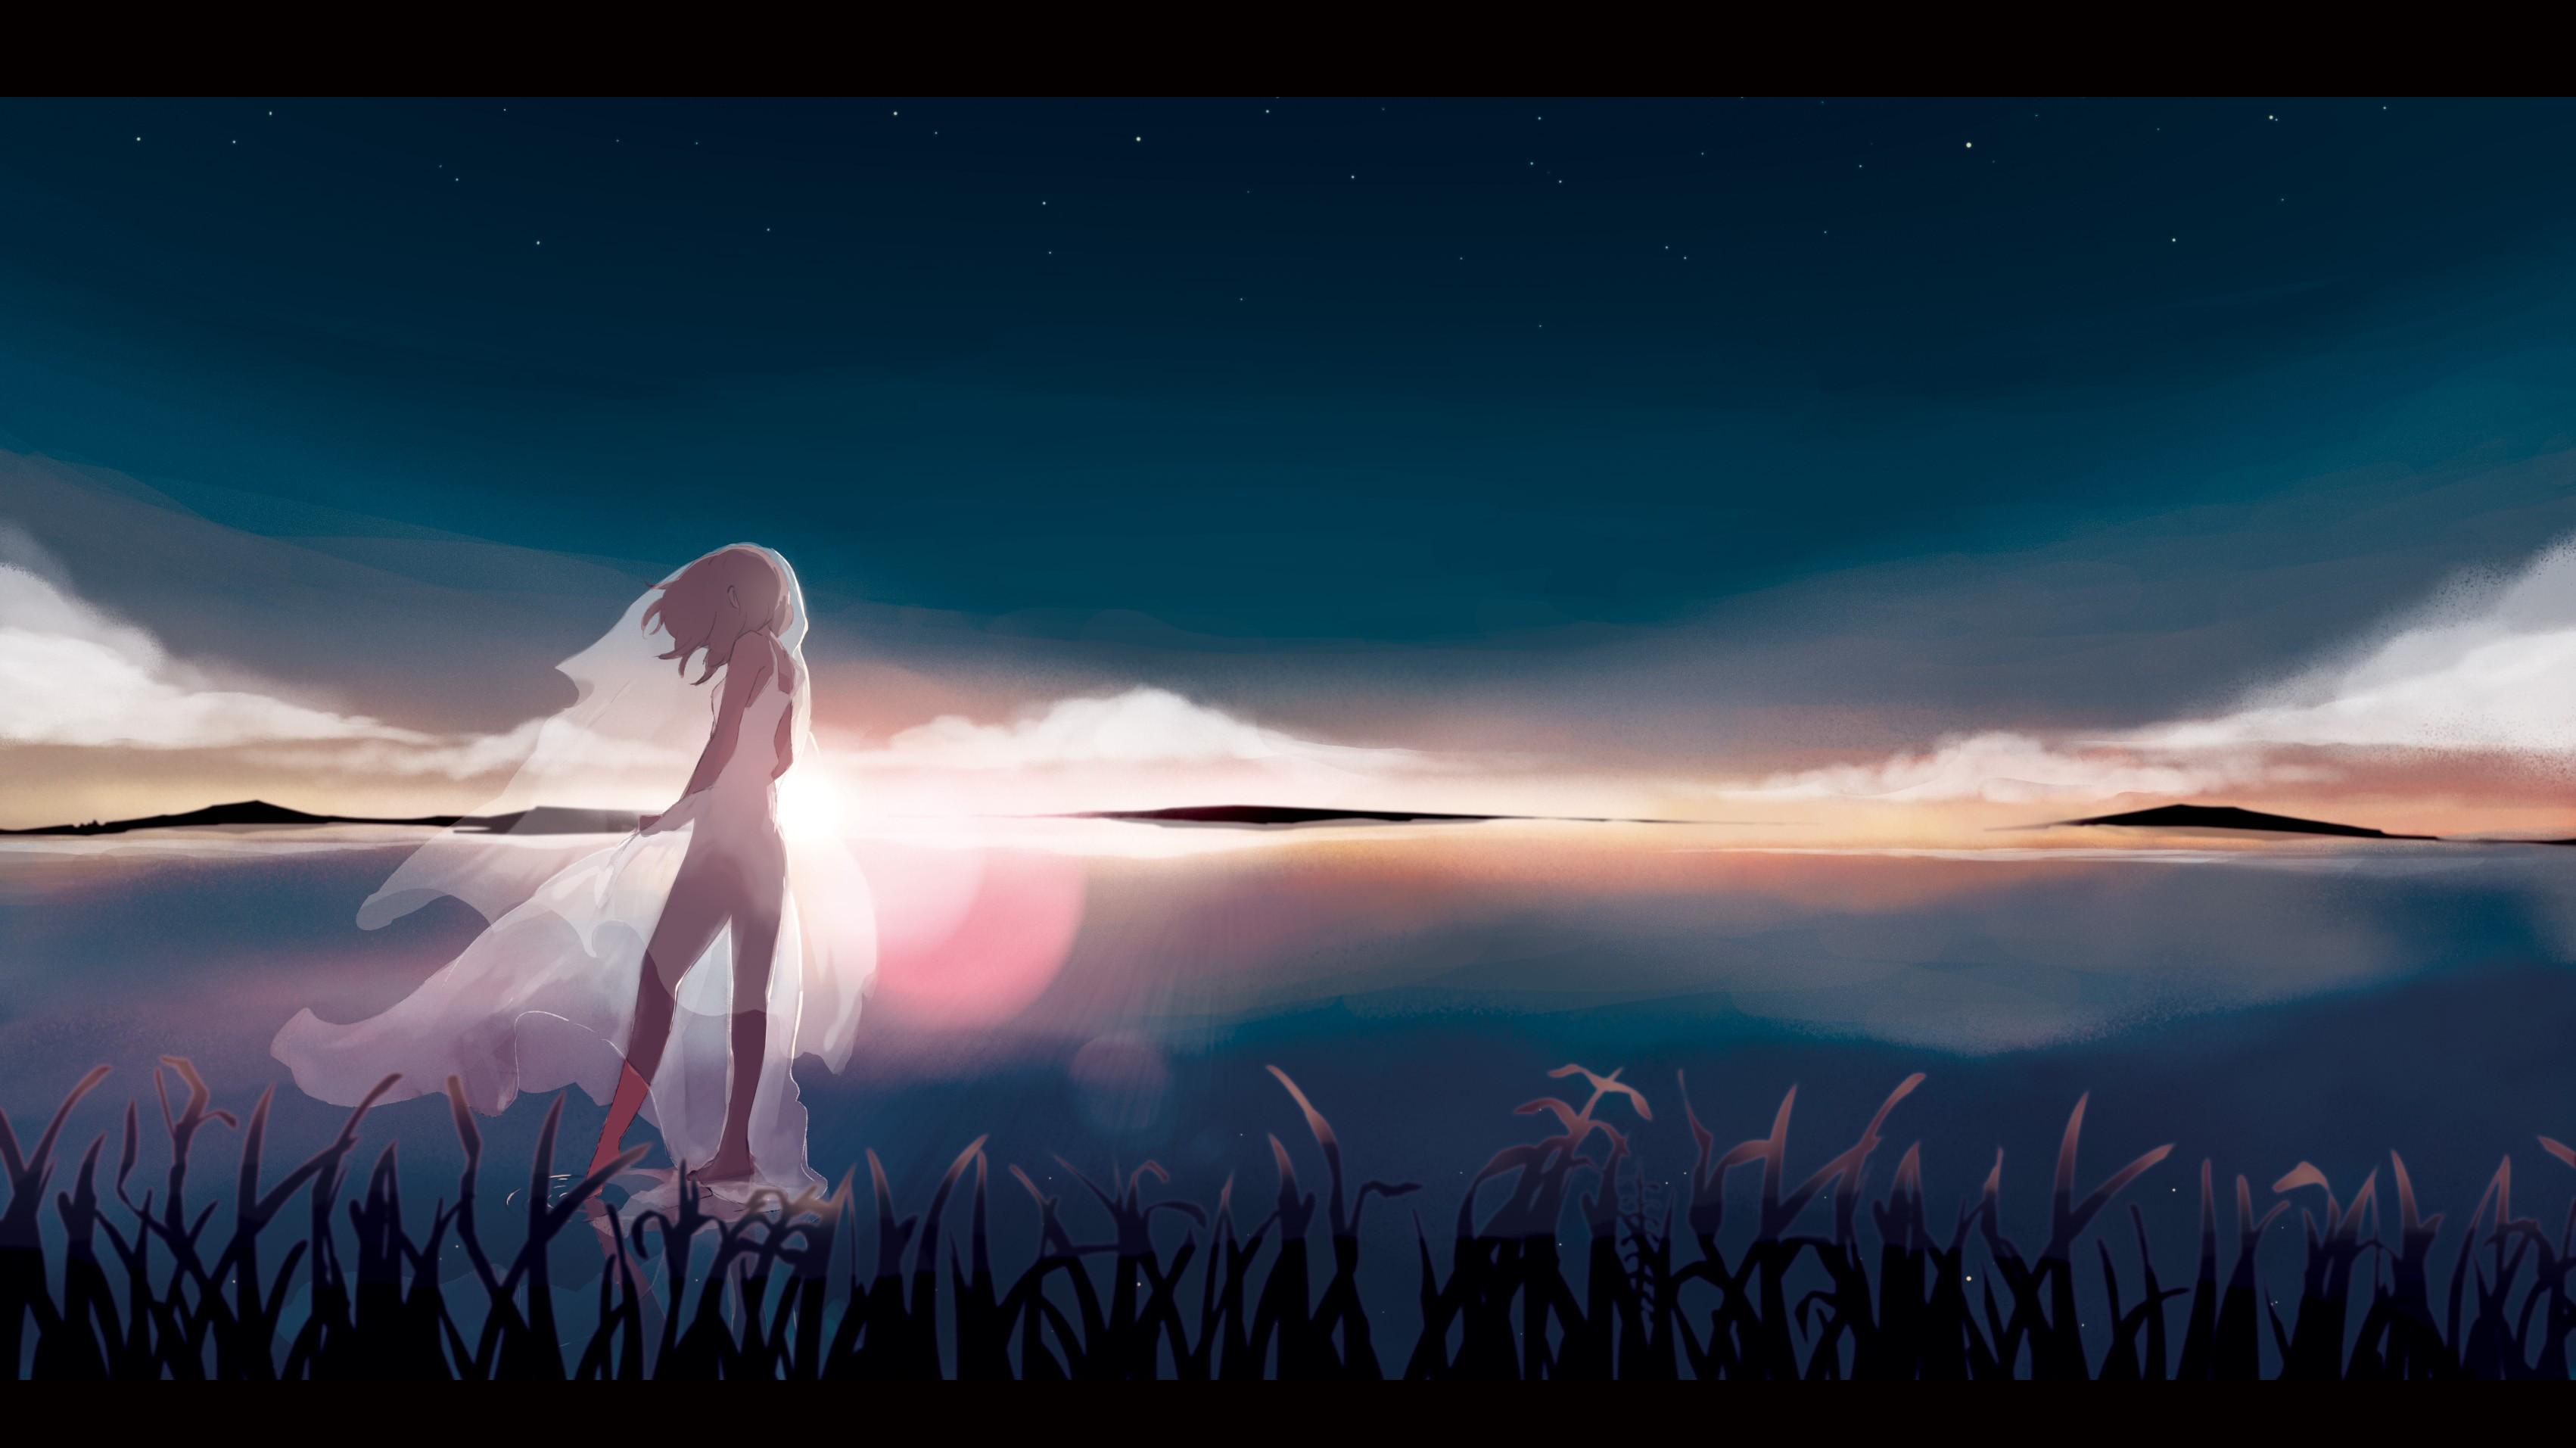 Wallpaper : sunset, anime girls, water, sky, white dress, sunrise